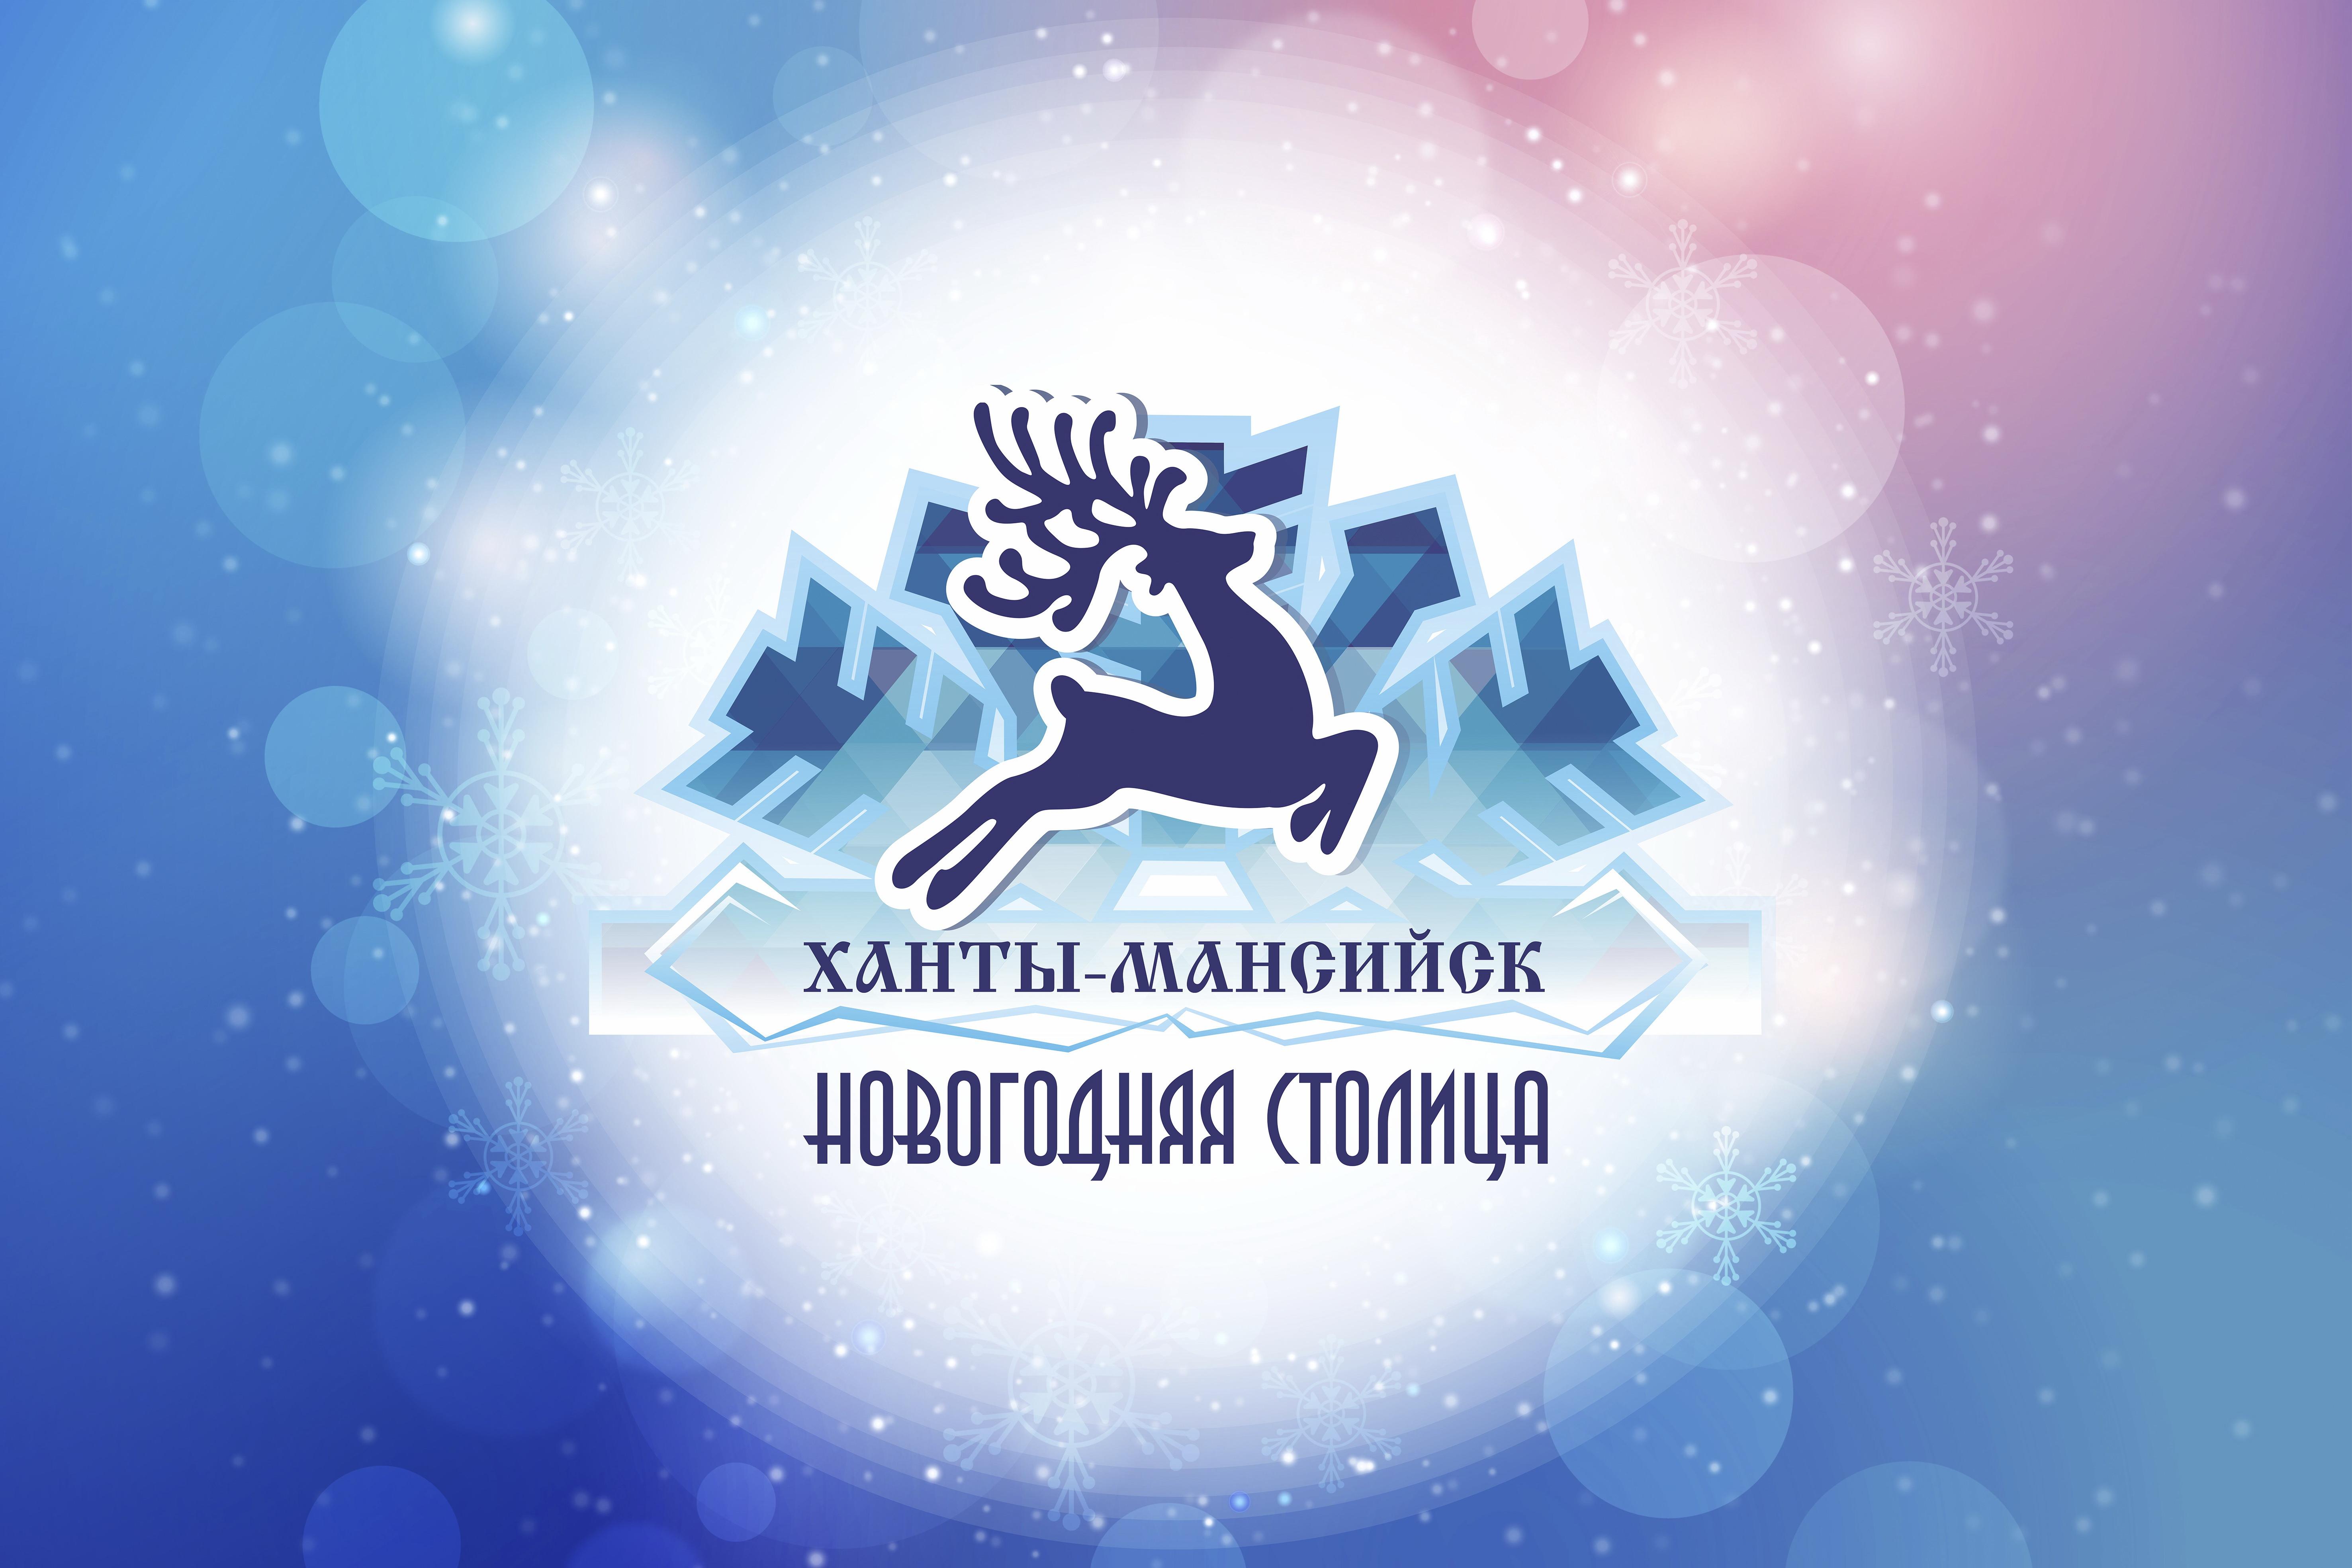 """""""Ханты-Мансийск - Новогодняя столица"""""""